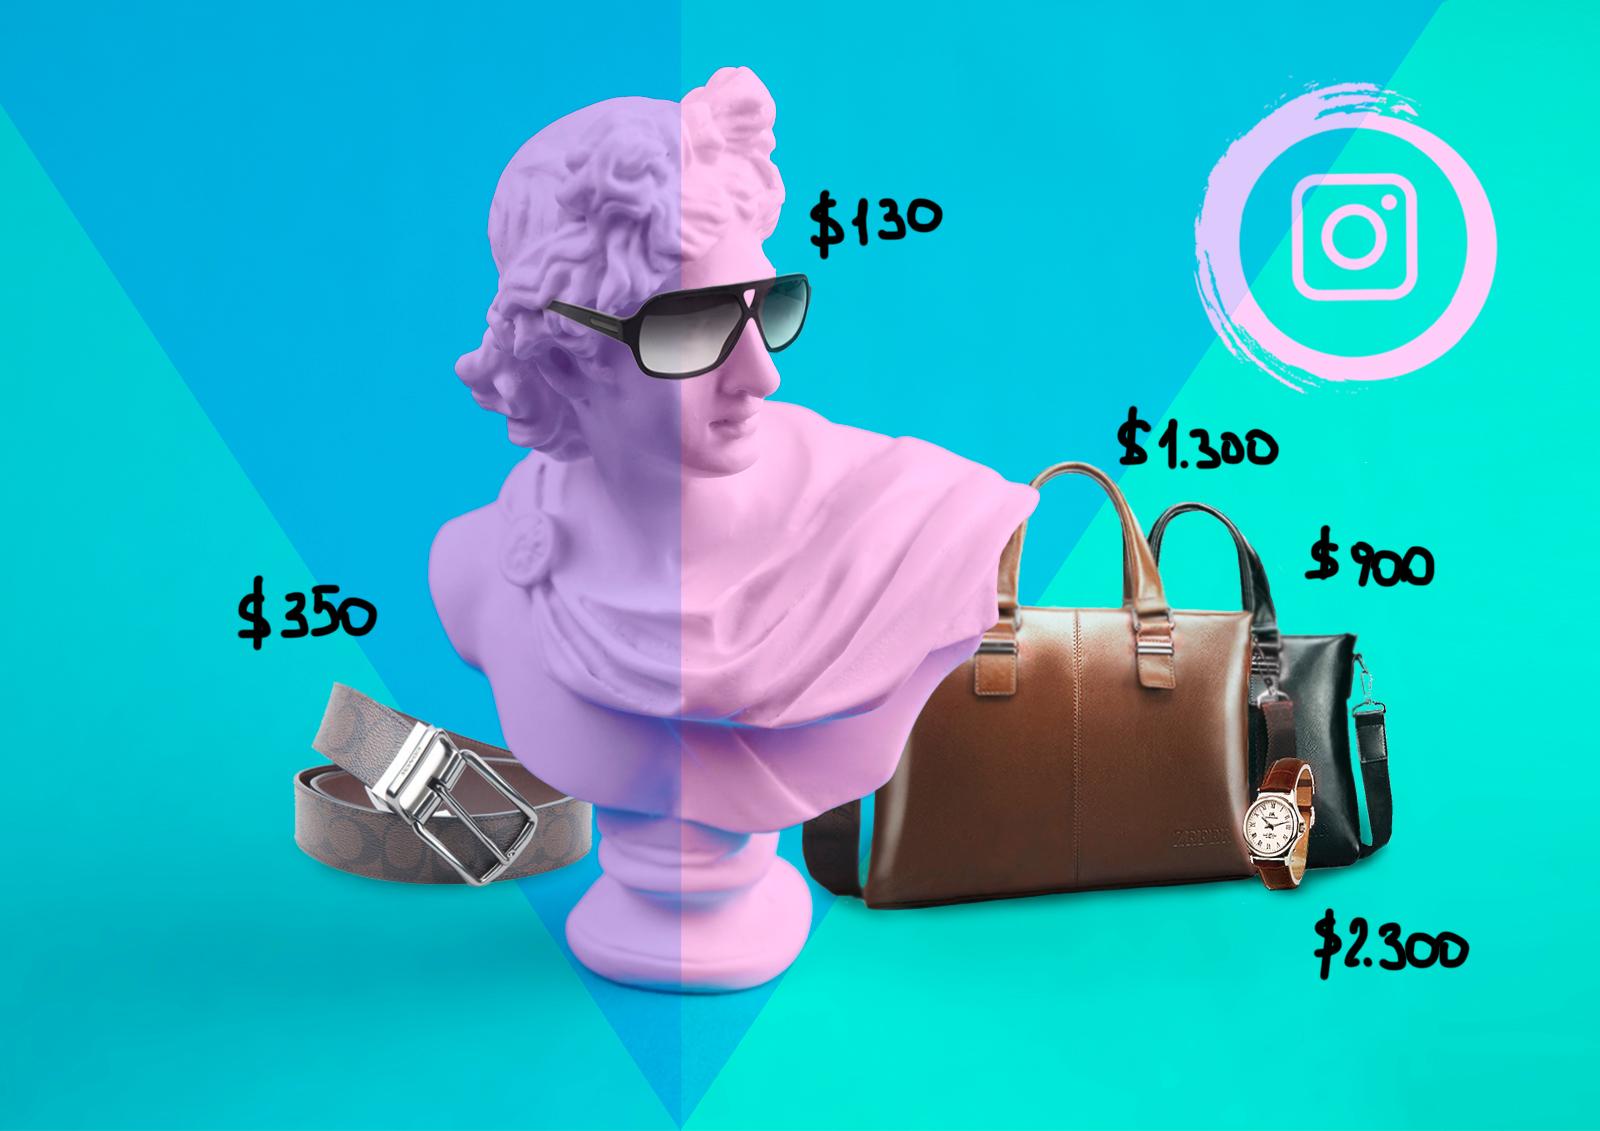 7a695e0d53a0 Negozio di Instagram  come aumentare le vendite dell e-commerce ...